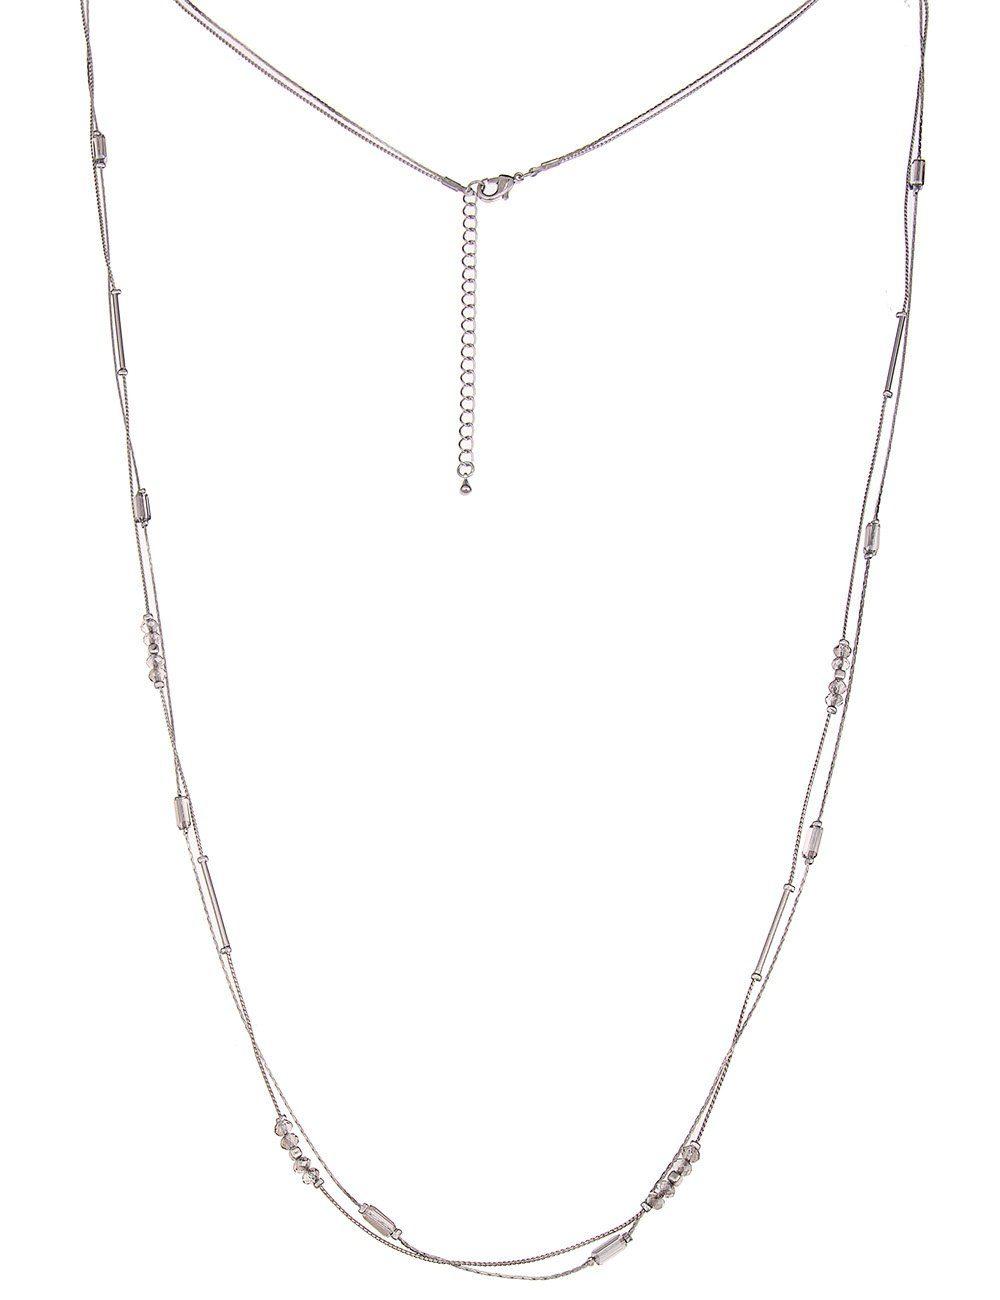 Leslii Halskette mit geschliffenen Elementen und silberfarbigen Stäben